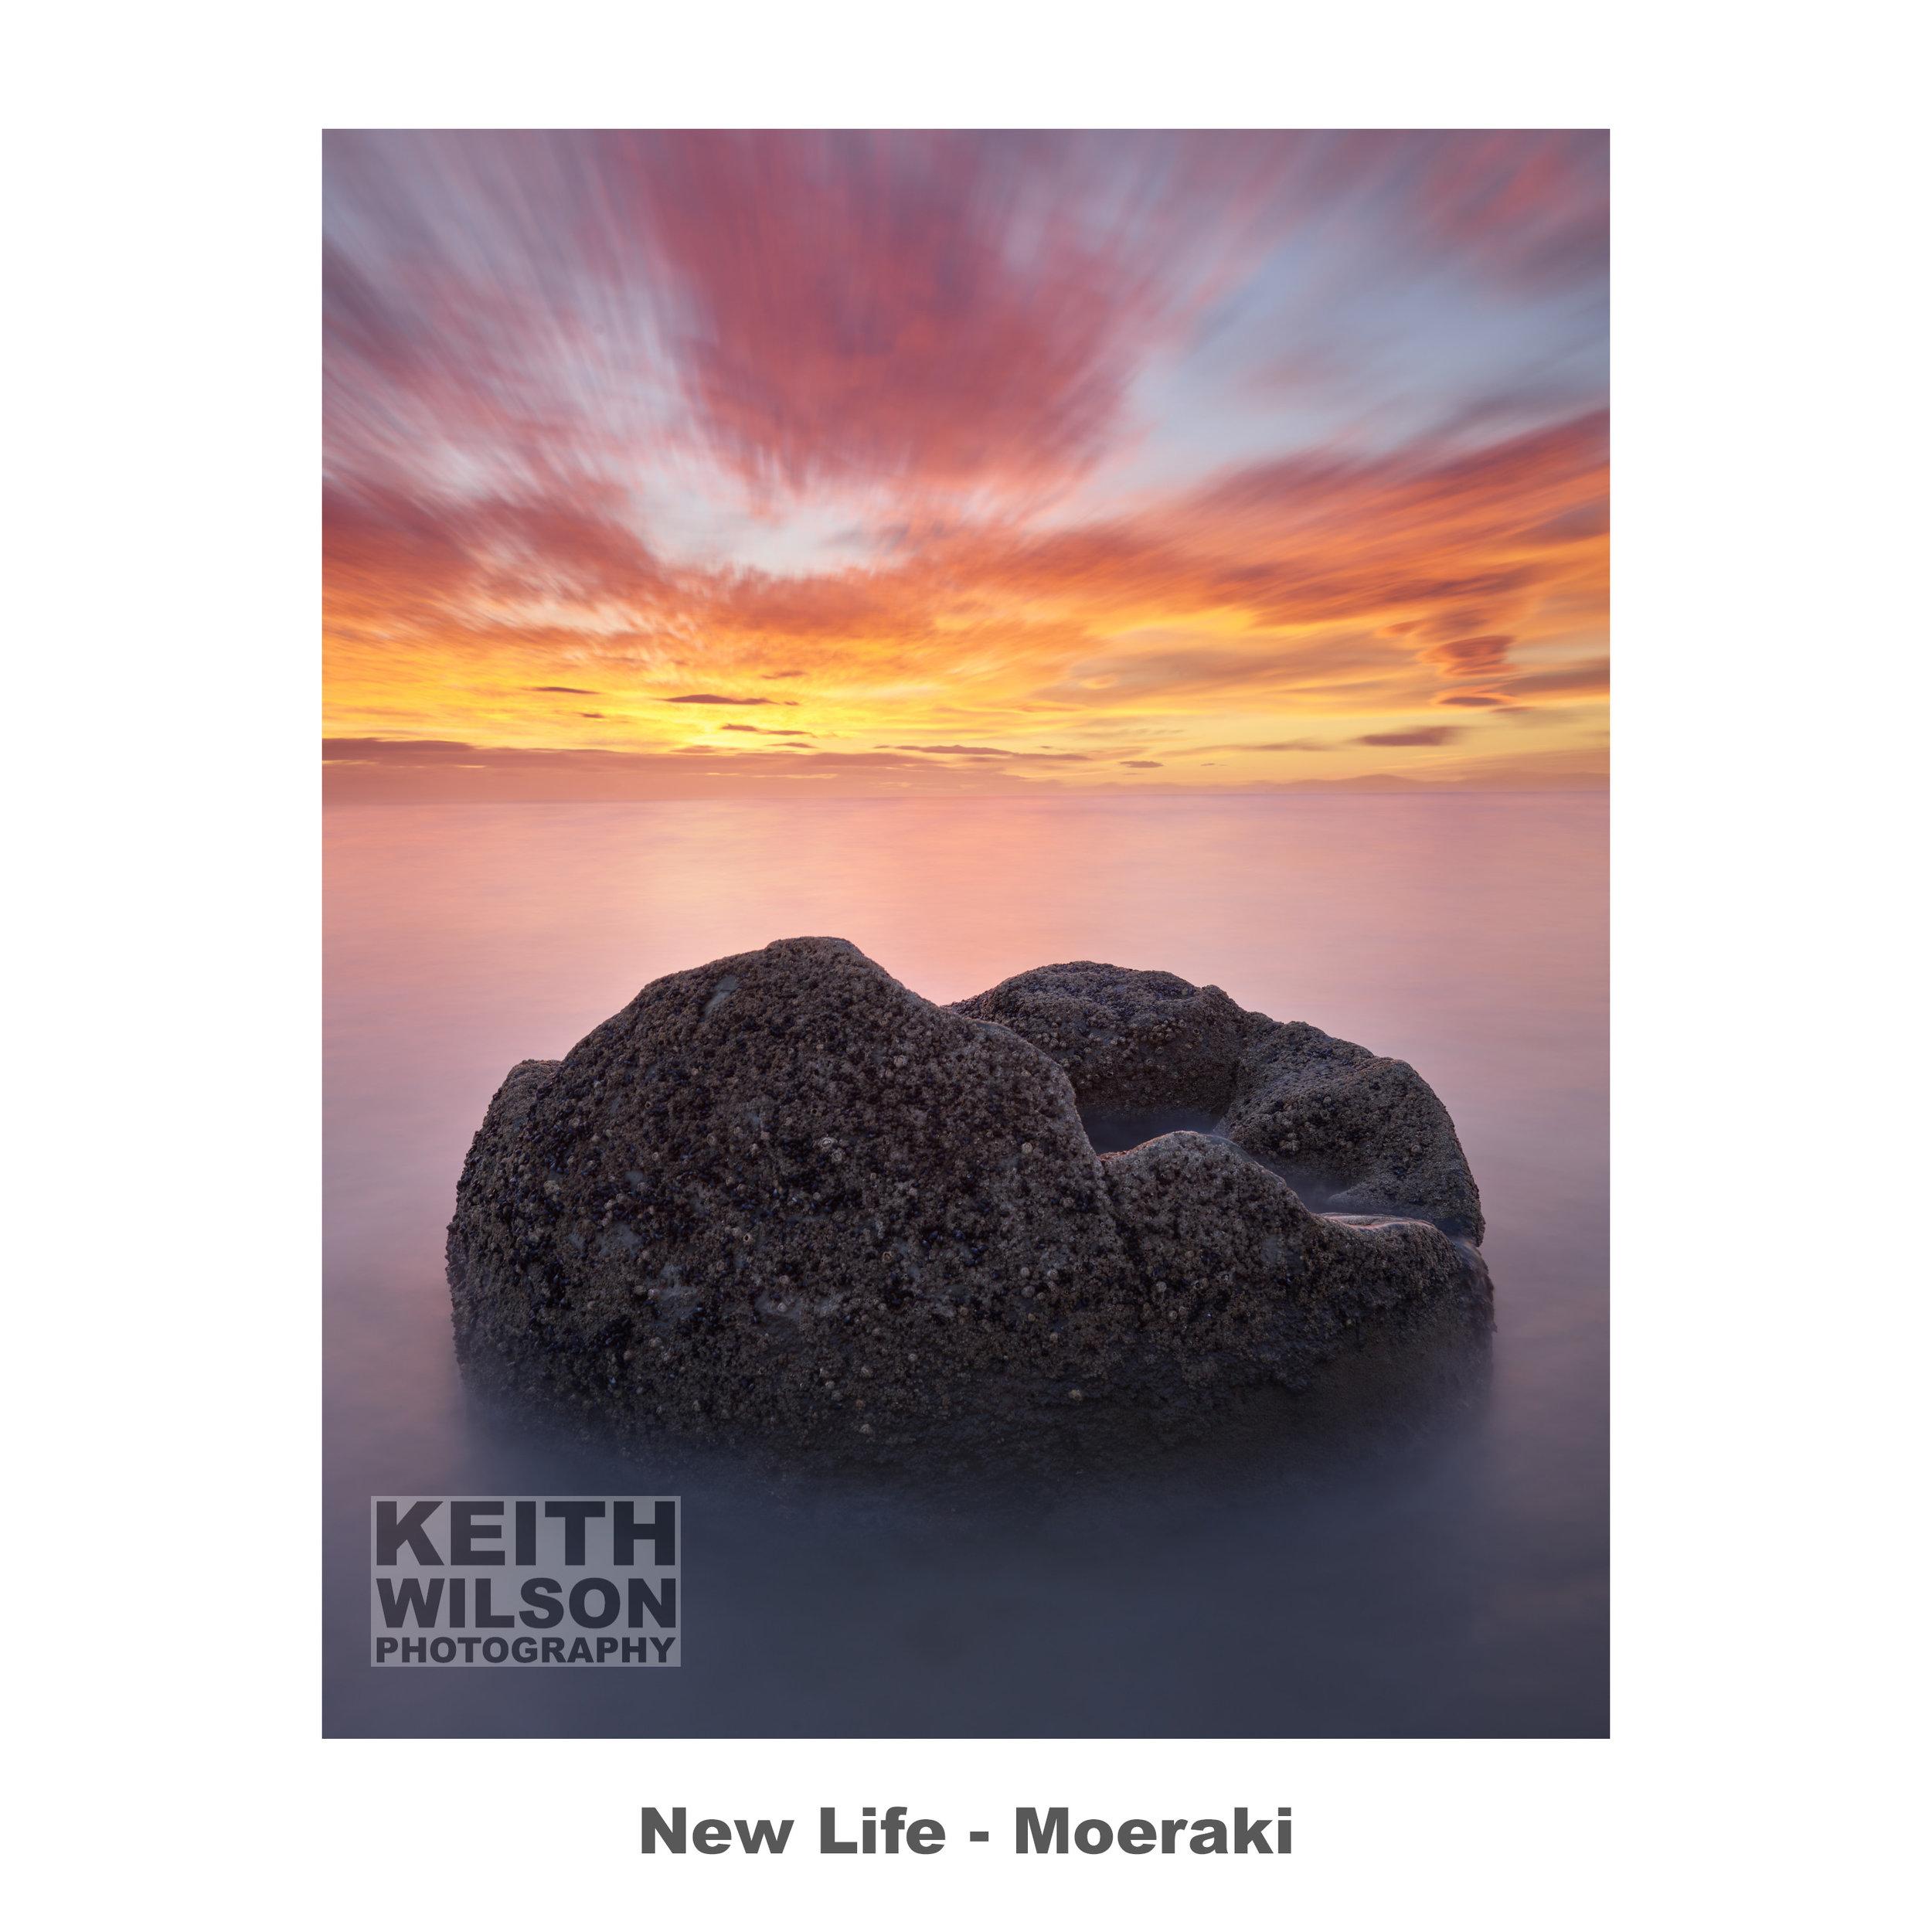 New Life - Moeraki